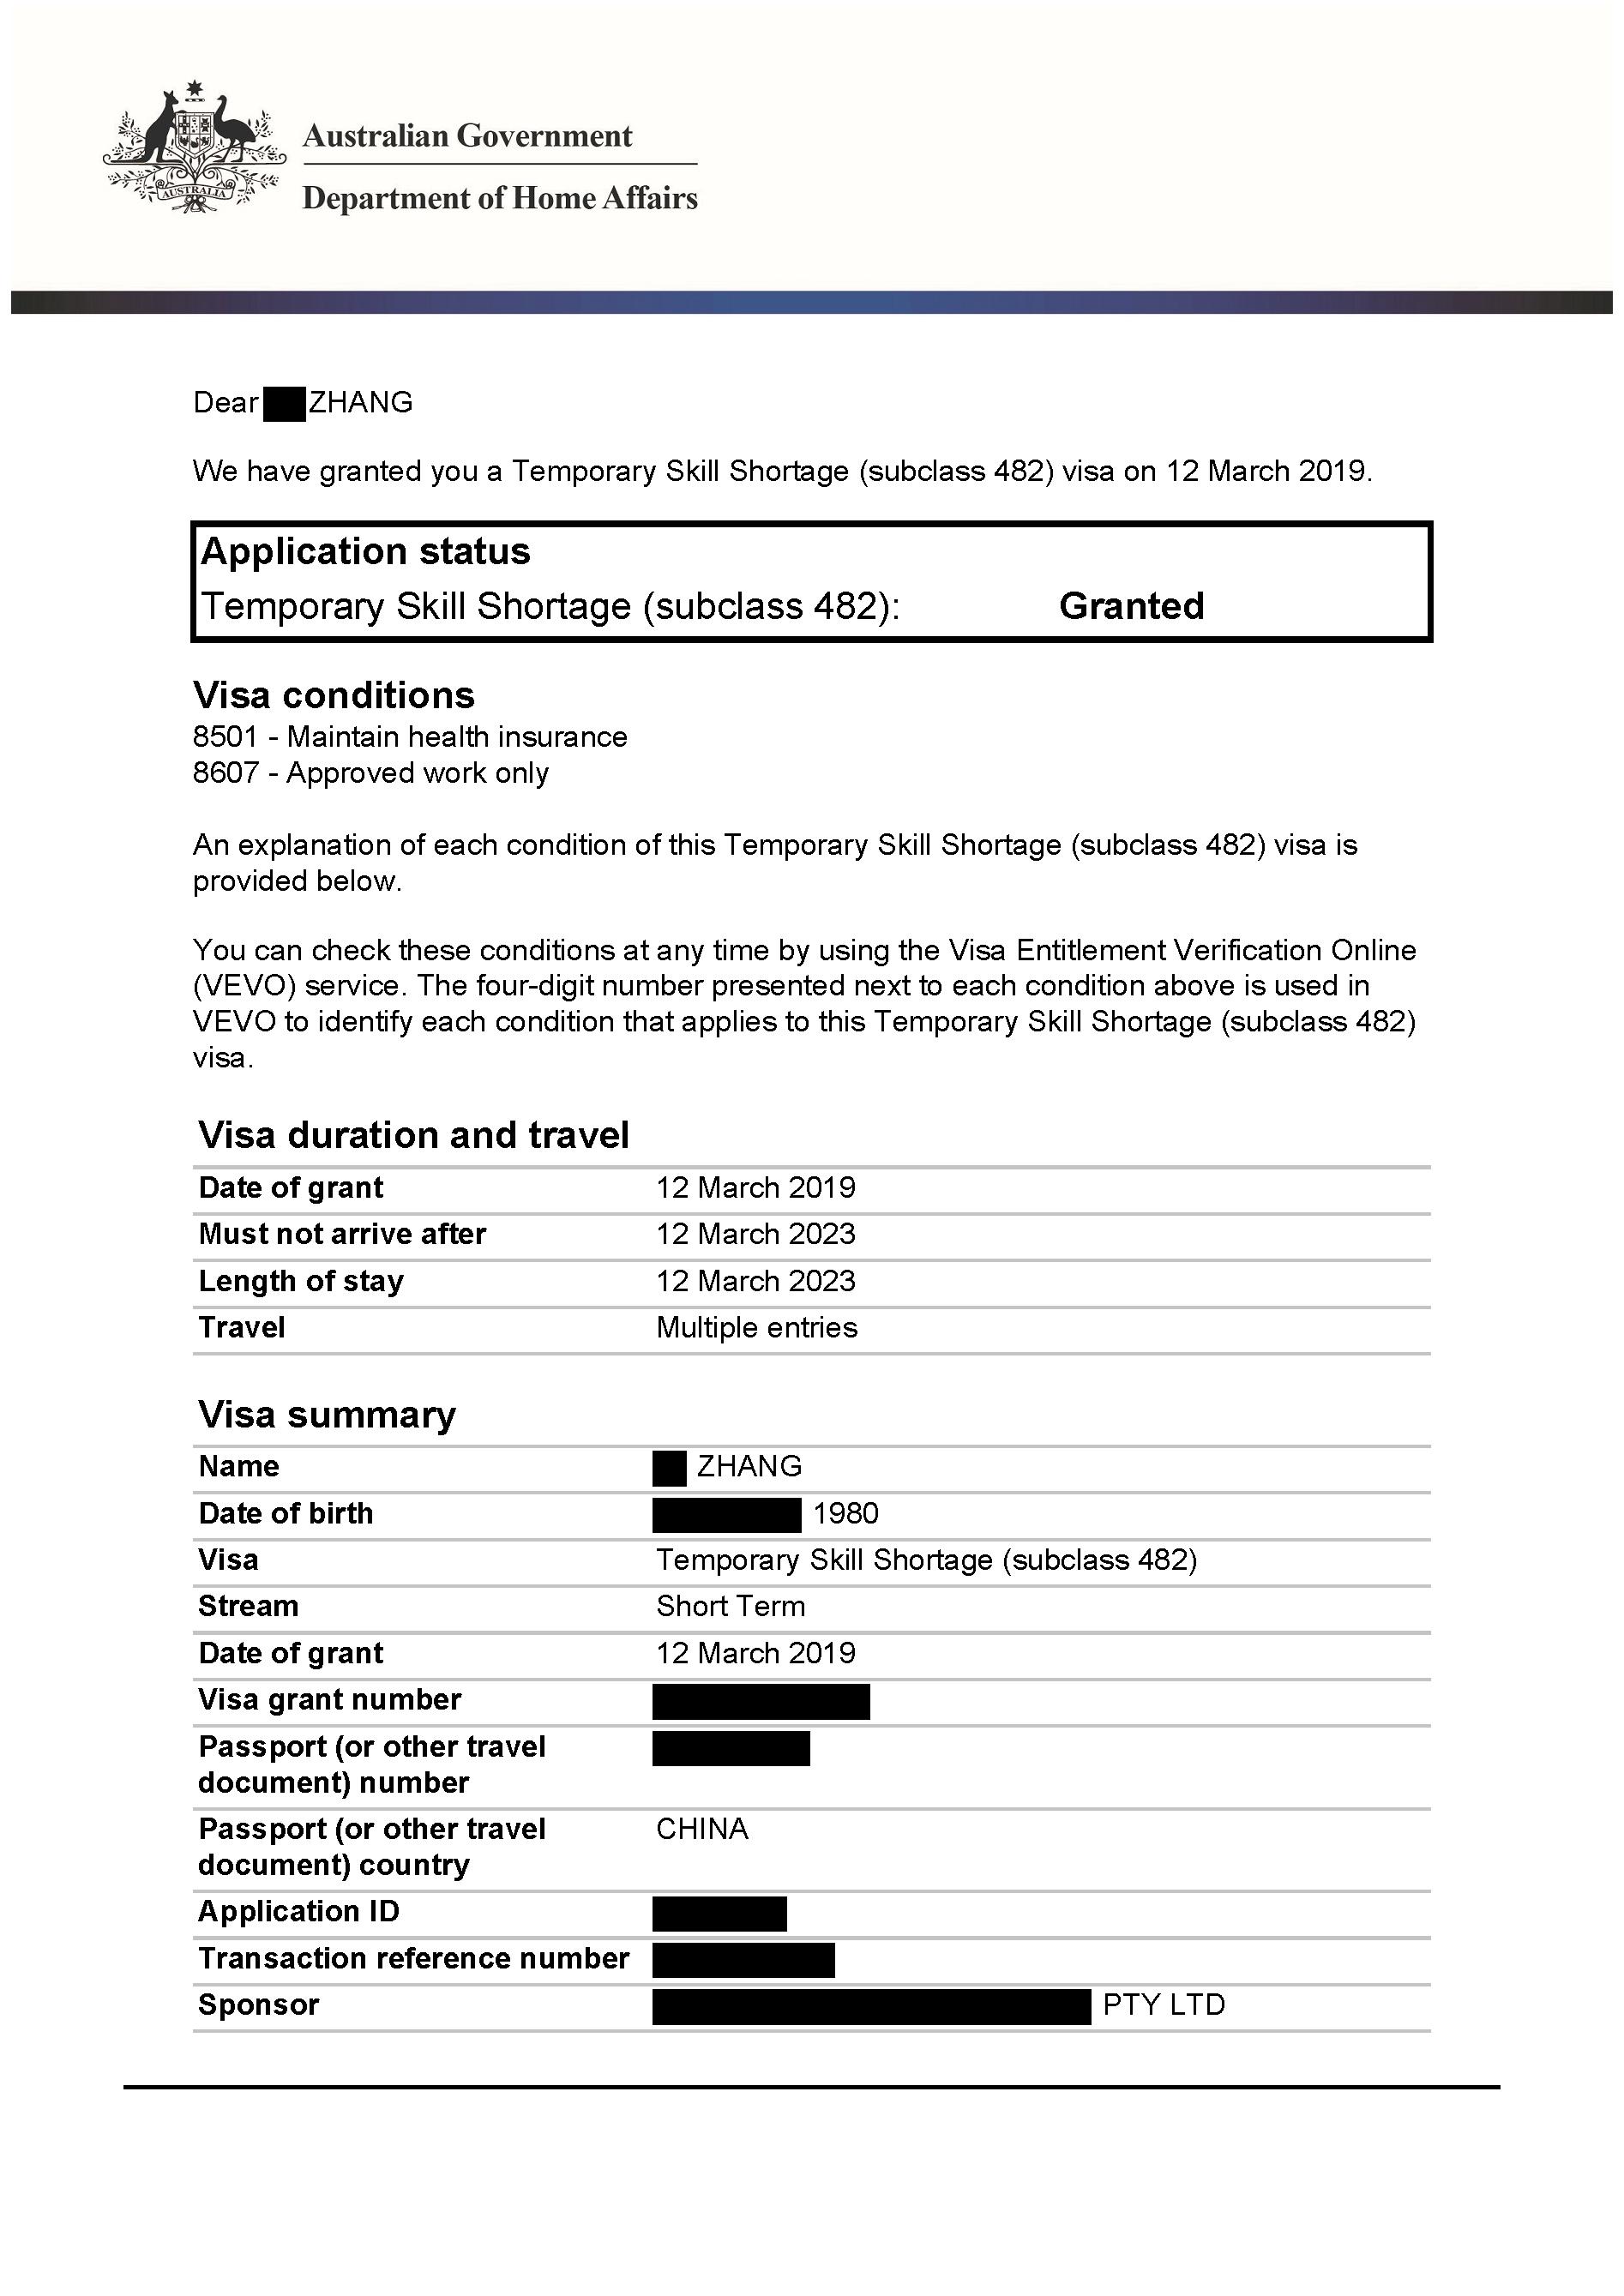 IMMI Grant Notification – TSS Zhang_Redacted